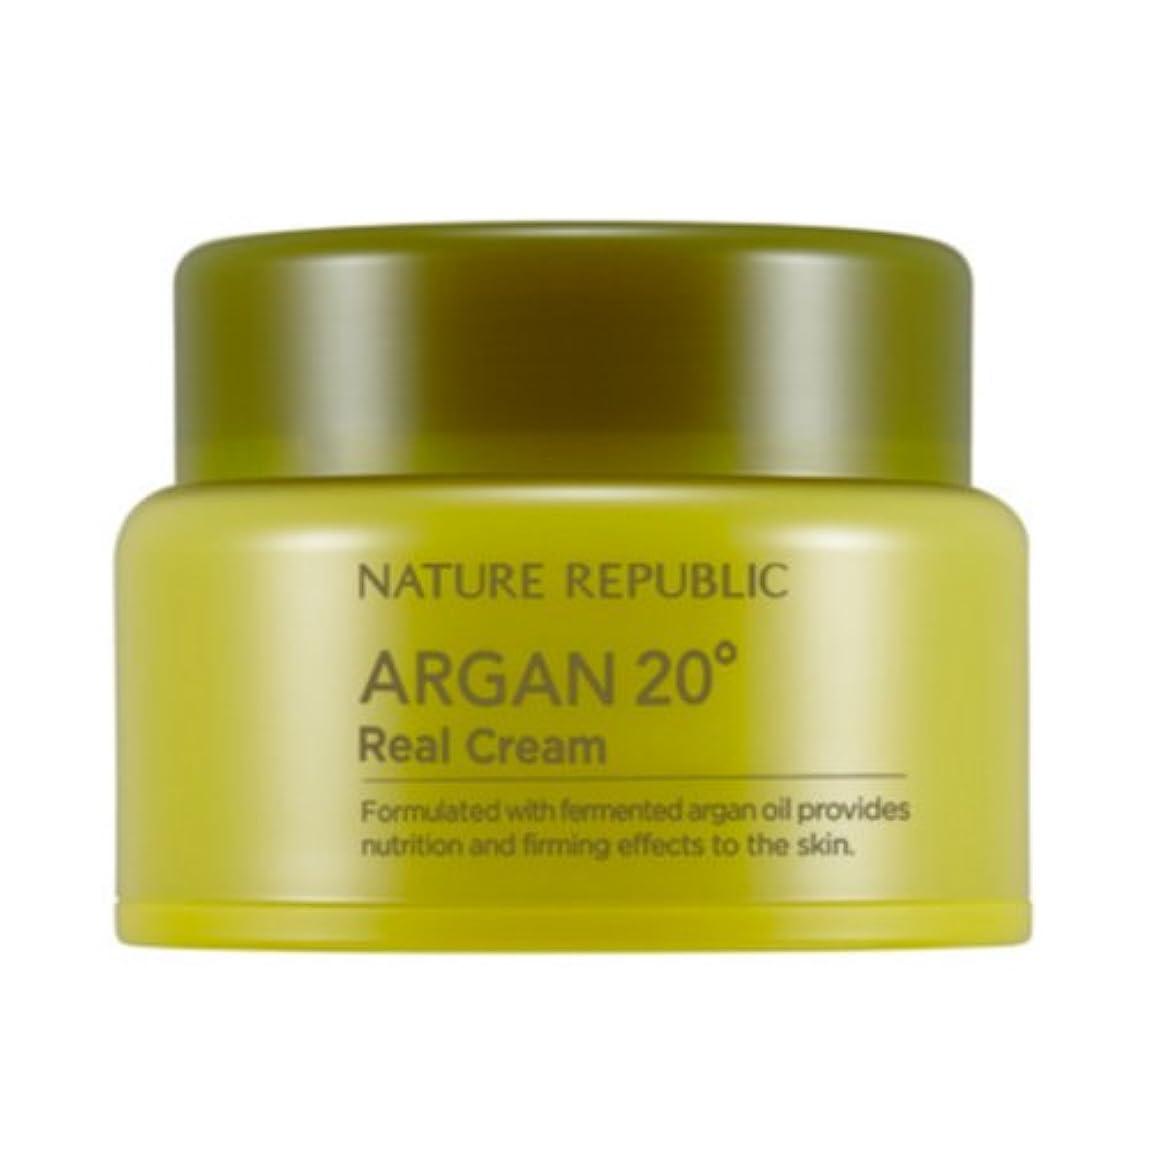 噴水バトルグレード[ネイチャーリパブリック] Nature republicアルガン20ºリアルクリーム海外直送品(Argan20ºReal Cream) [並行輸入品]